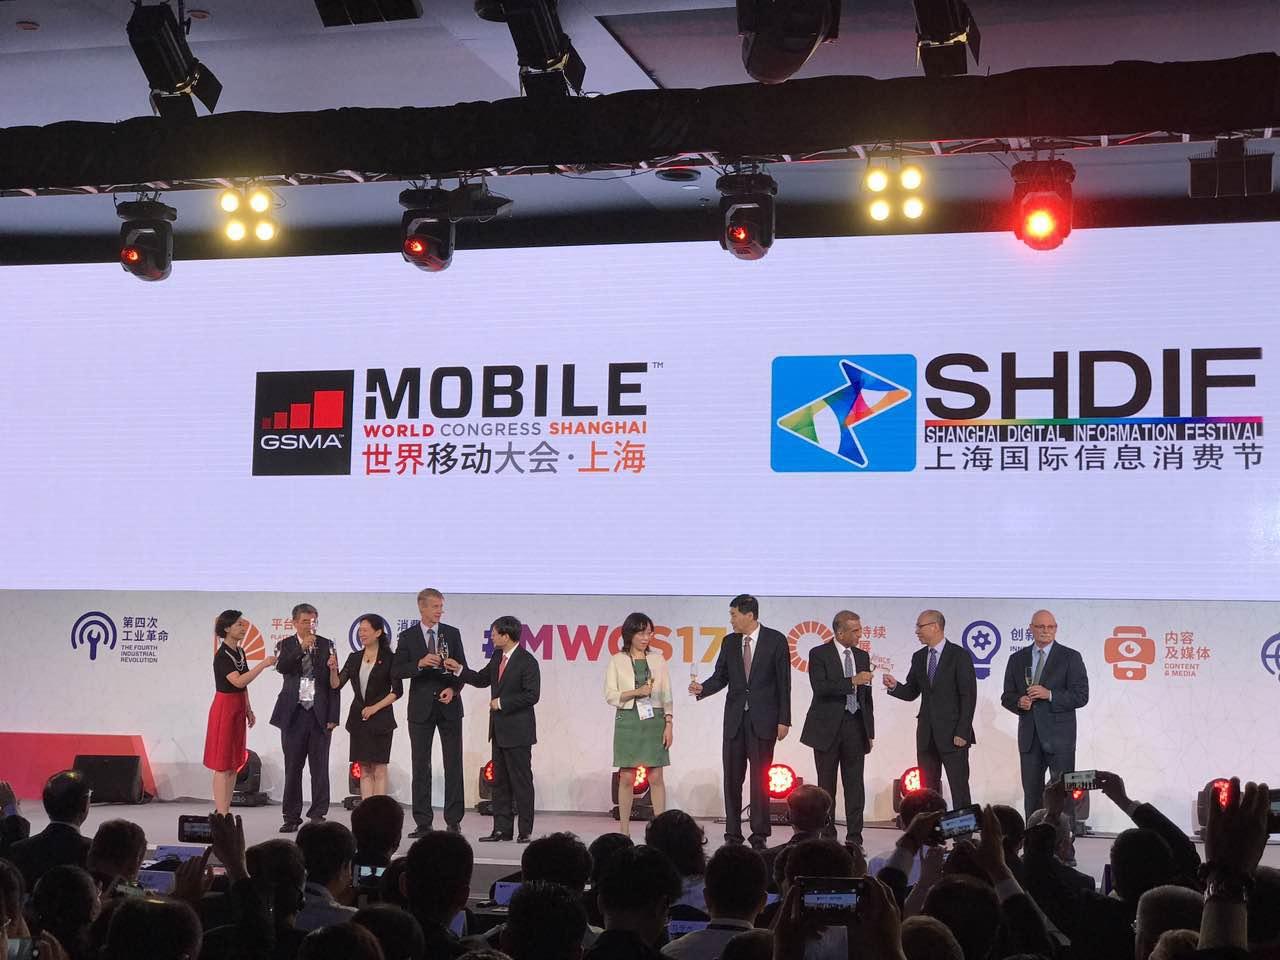 2017上海国际信息消费节开幕